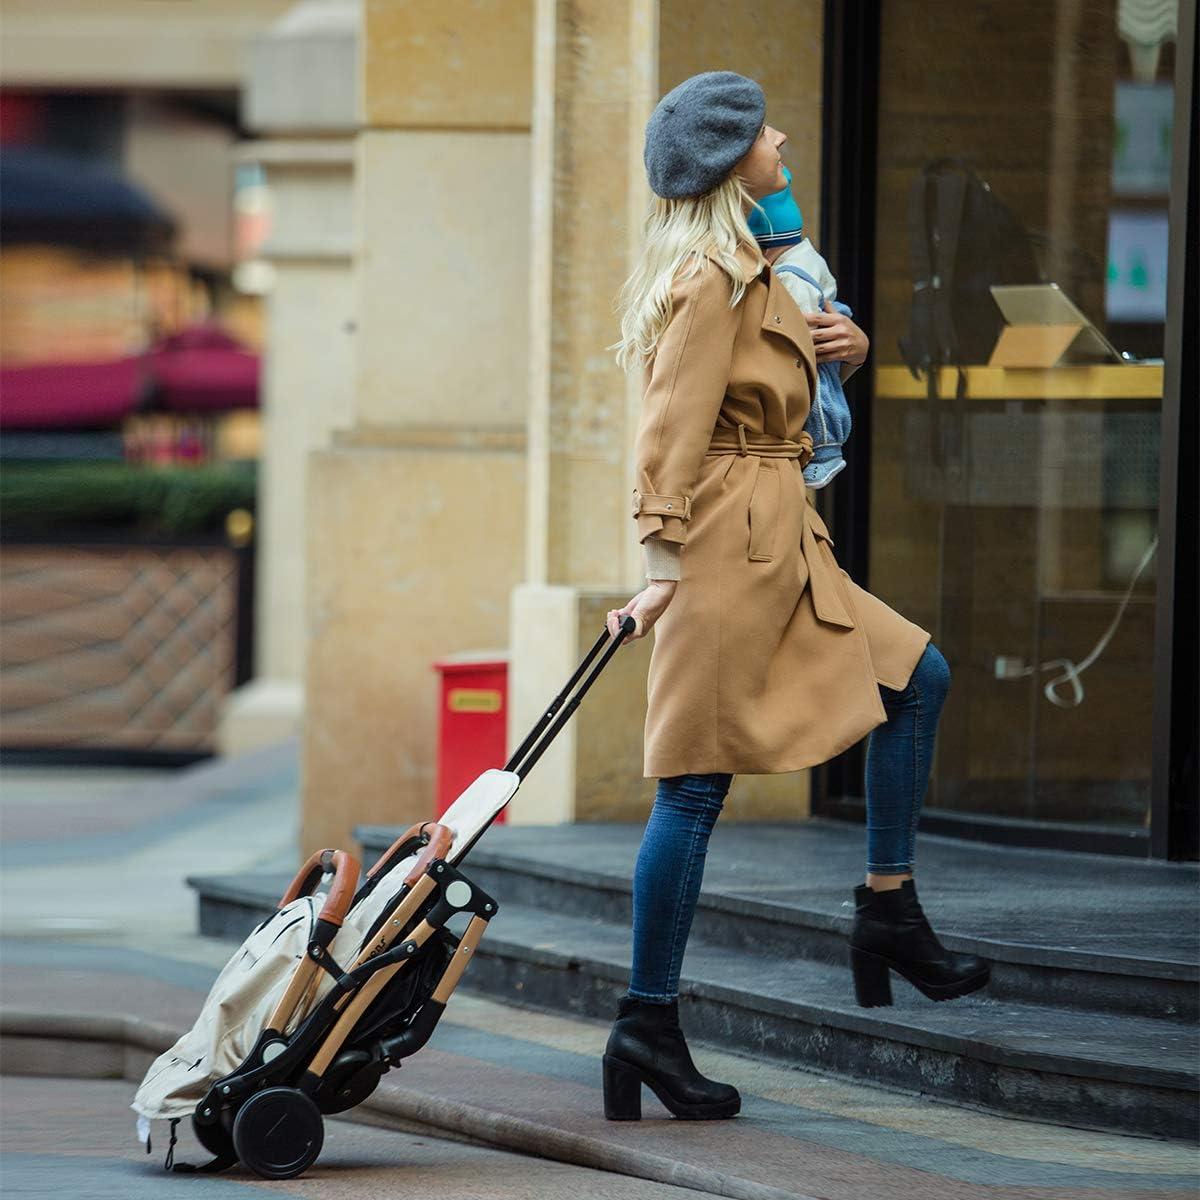 SONARIN Silla de paseo ligera y compacta,cochecito de port/átil,plegable con una mano,arn/és de cinco puntos,ideal para Avi/ón Azul